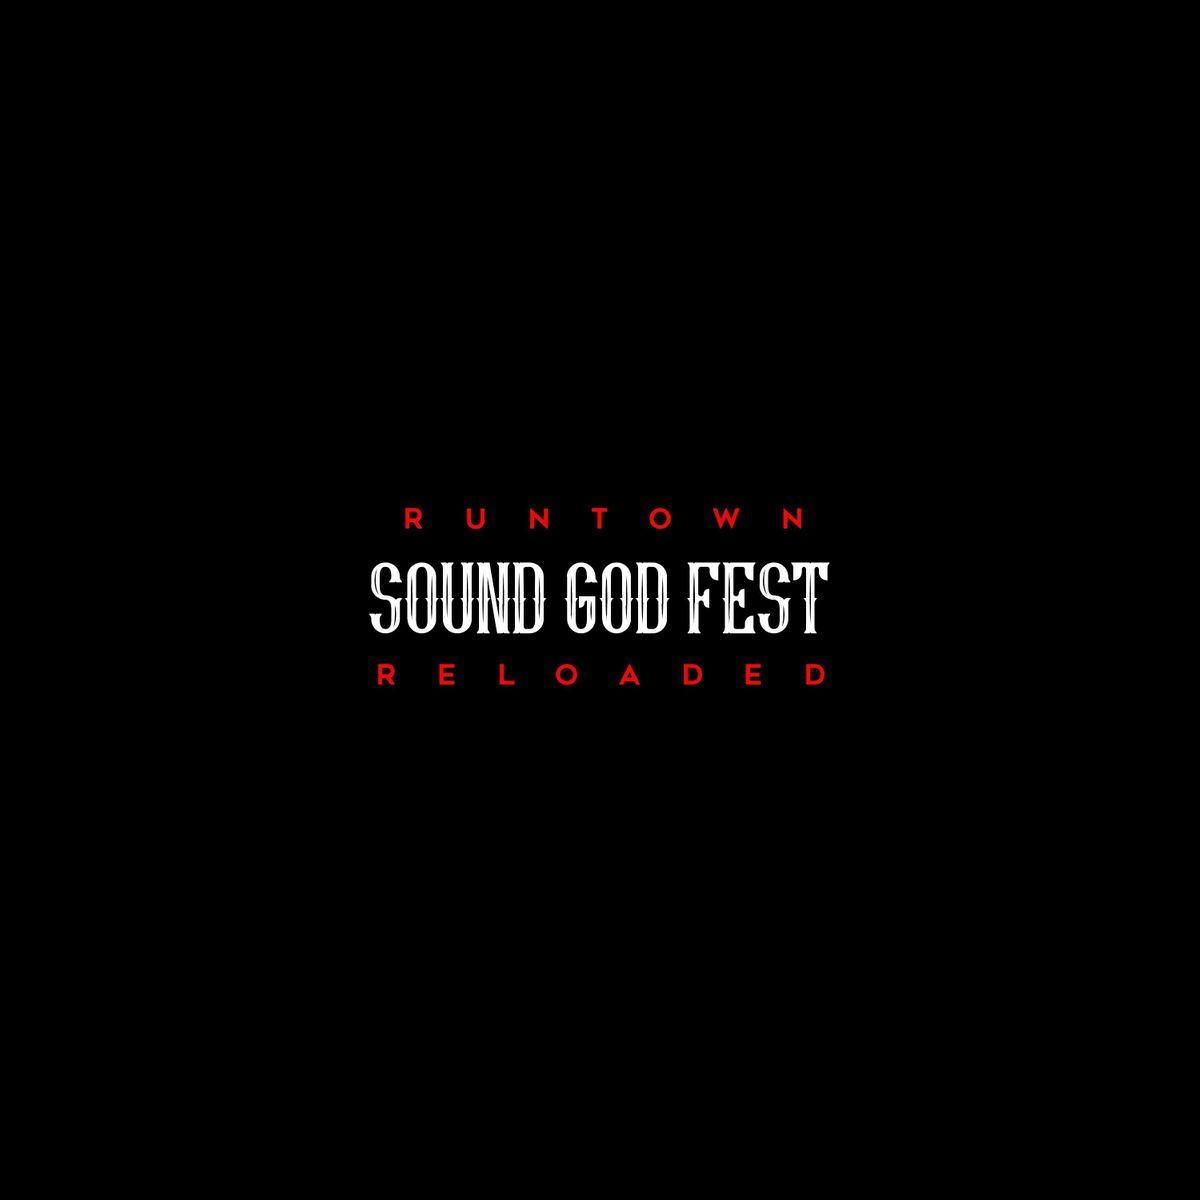 ALBUM: Runtown - Soundgod Fest Reloaded